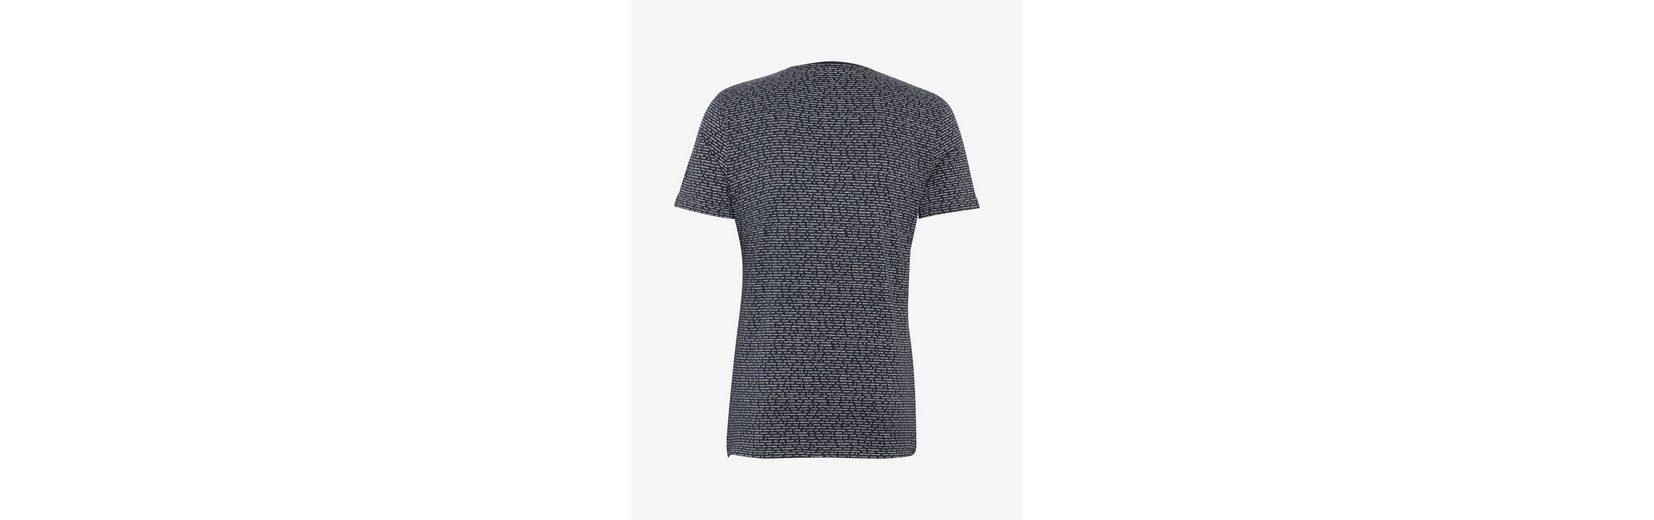 Tom Tailor T-Shirt gemustertes T-Shirt mit Brusttasche Günstig Kaufen Extrem Günstig Kaufen Besuch Neu Factory-Outlet-Verkauf Online Bestseller Günstig Online omAMkFCM